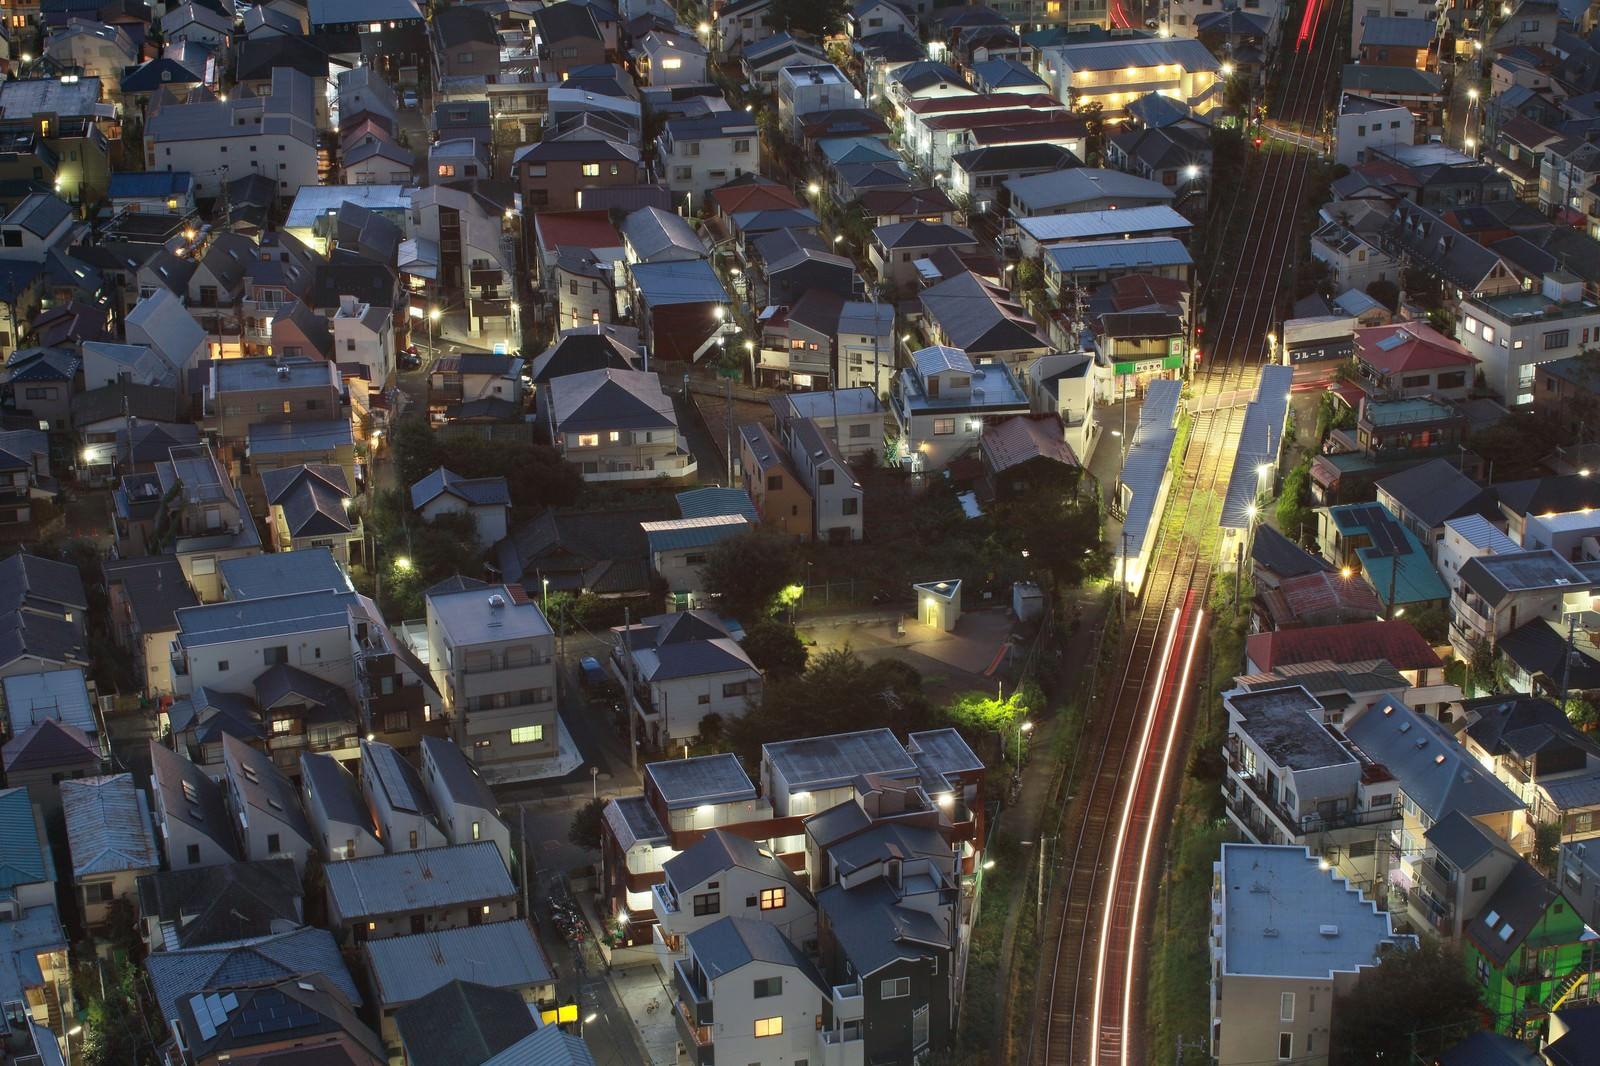 「東京夜景・家路を急ぐ光」の写真